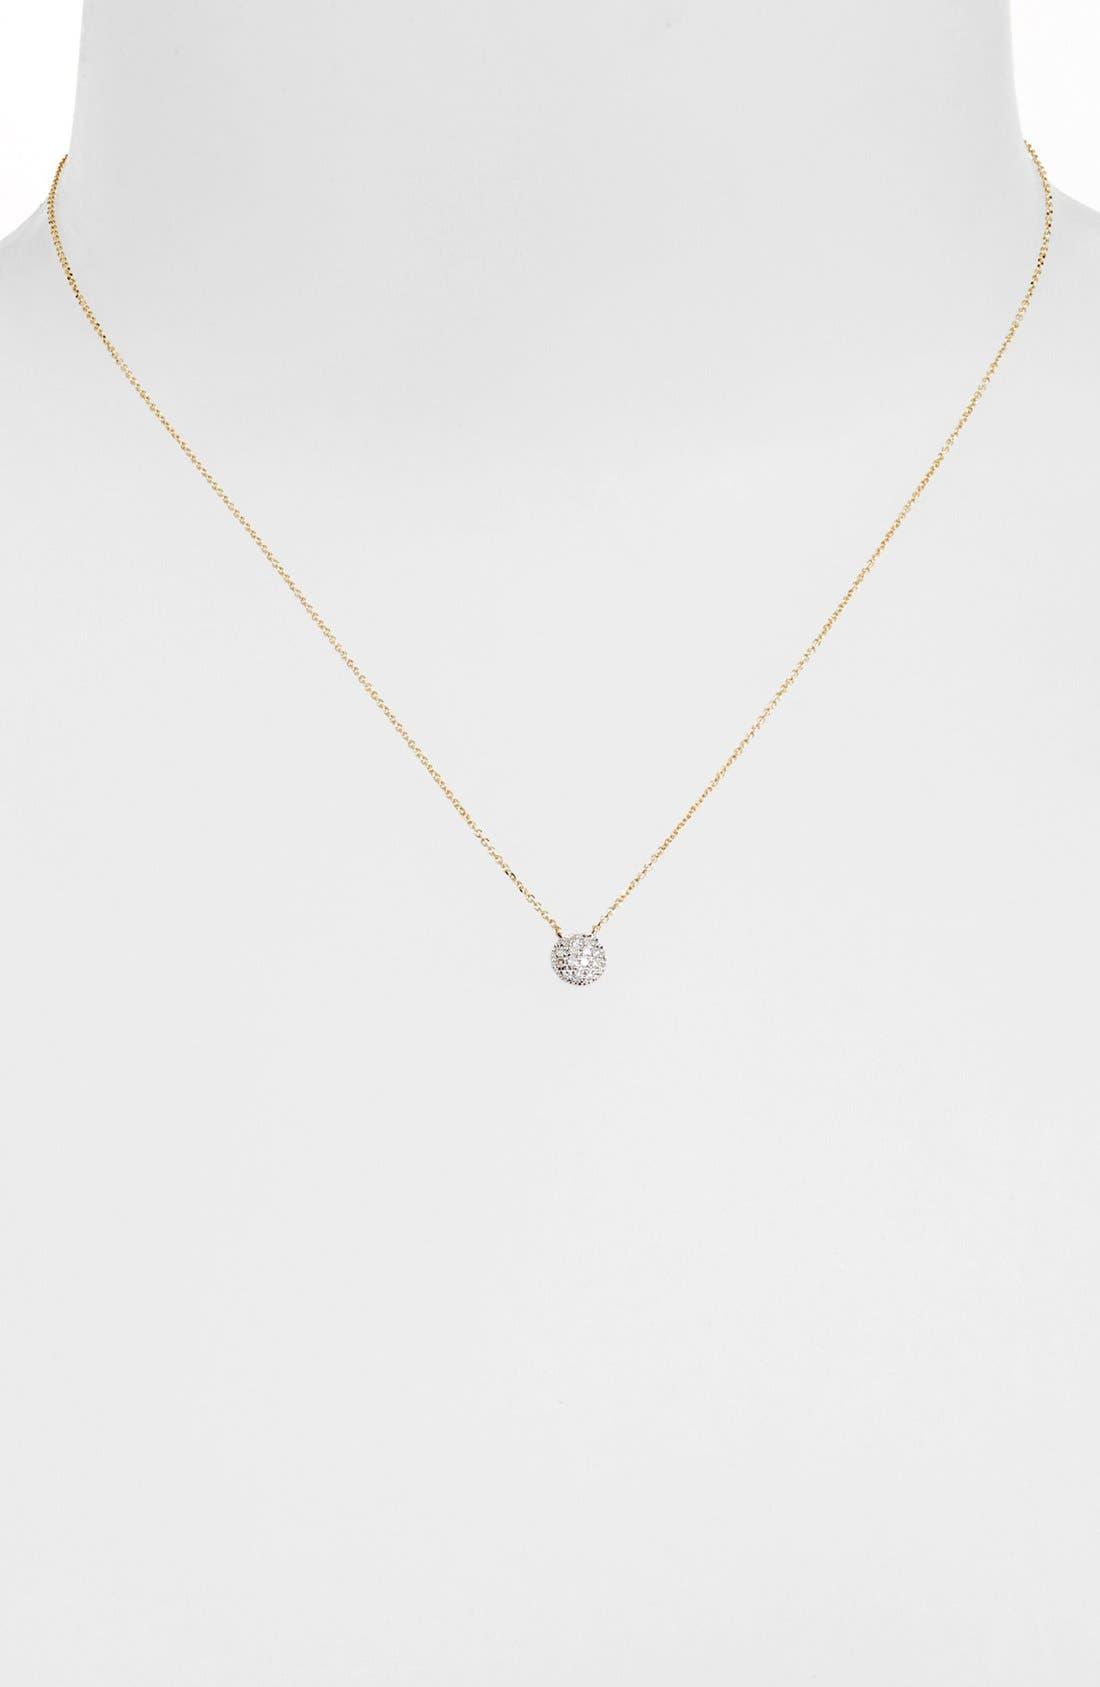 'Lauren Joy' Diamond Disc Pendant Necklace,                             Alternate thumbnail 7, color,                             YELLOW GOLD